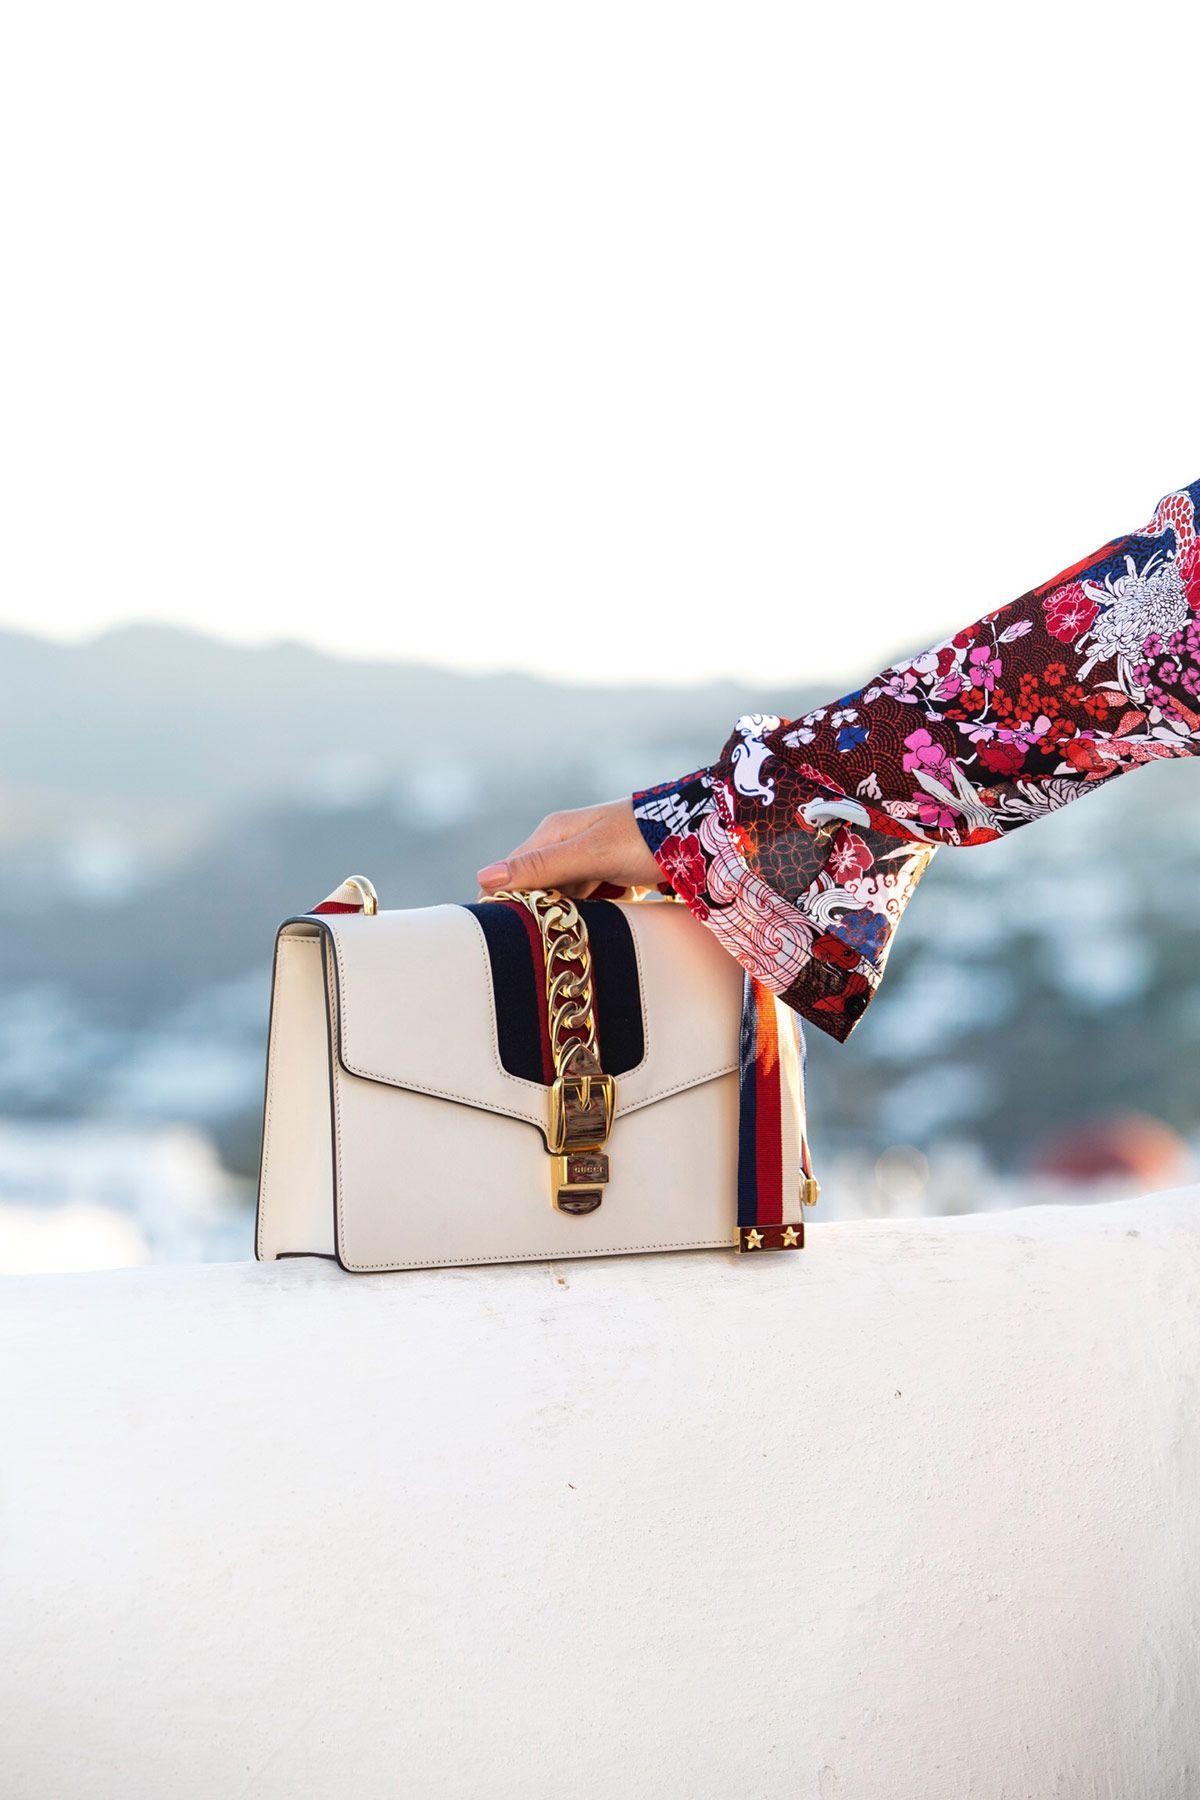 1d849dd4ec30 Gucci Sylvie Bag worn by Stella Asteria - Fashion   Lifestyle Blogger